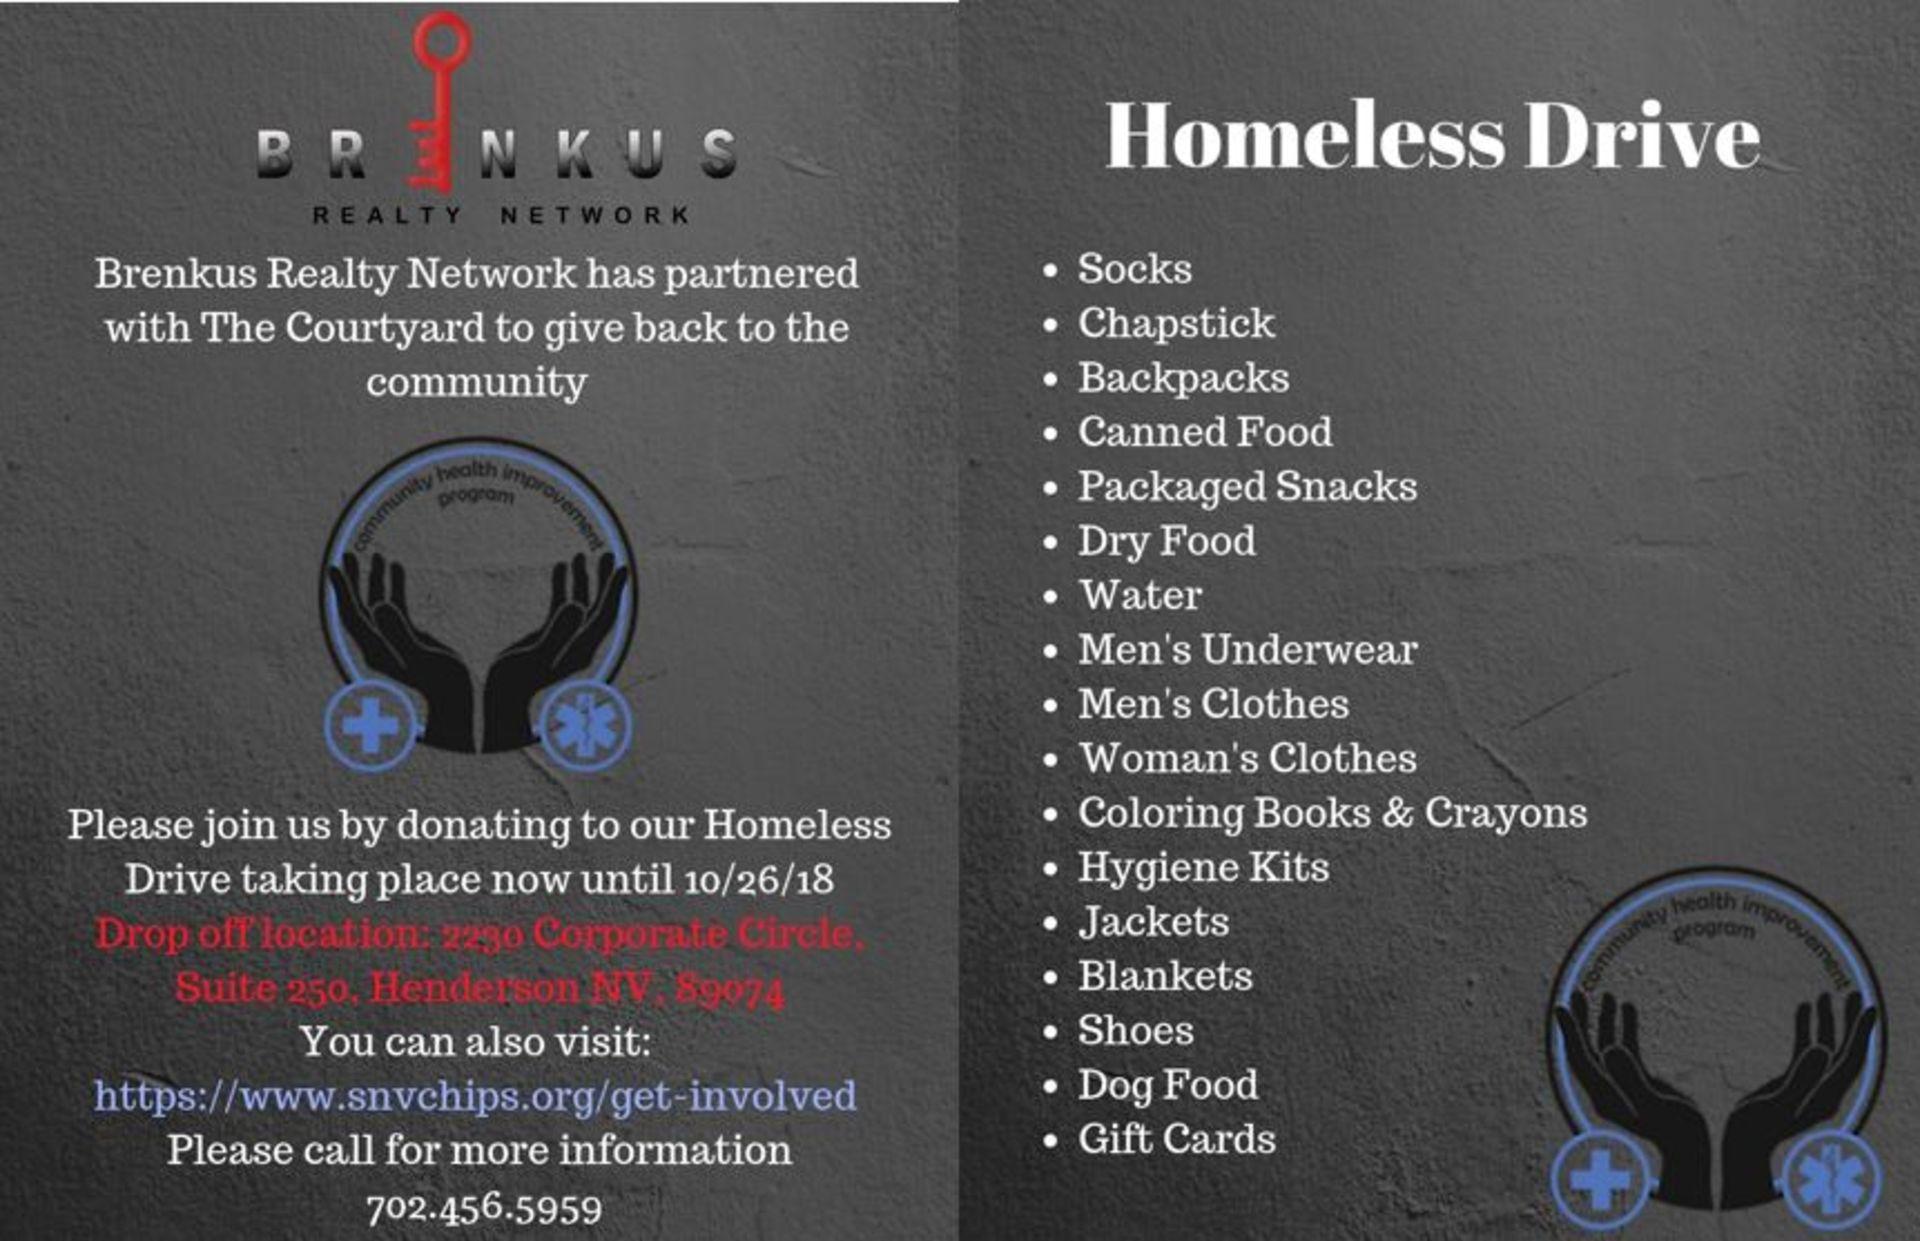 Brenkus Realty Network's Homeless Drive